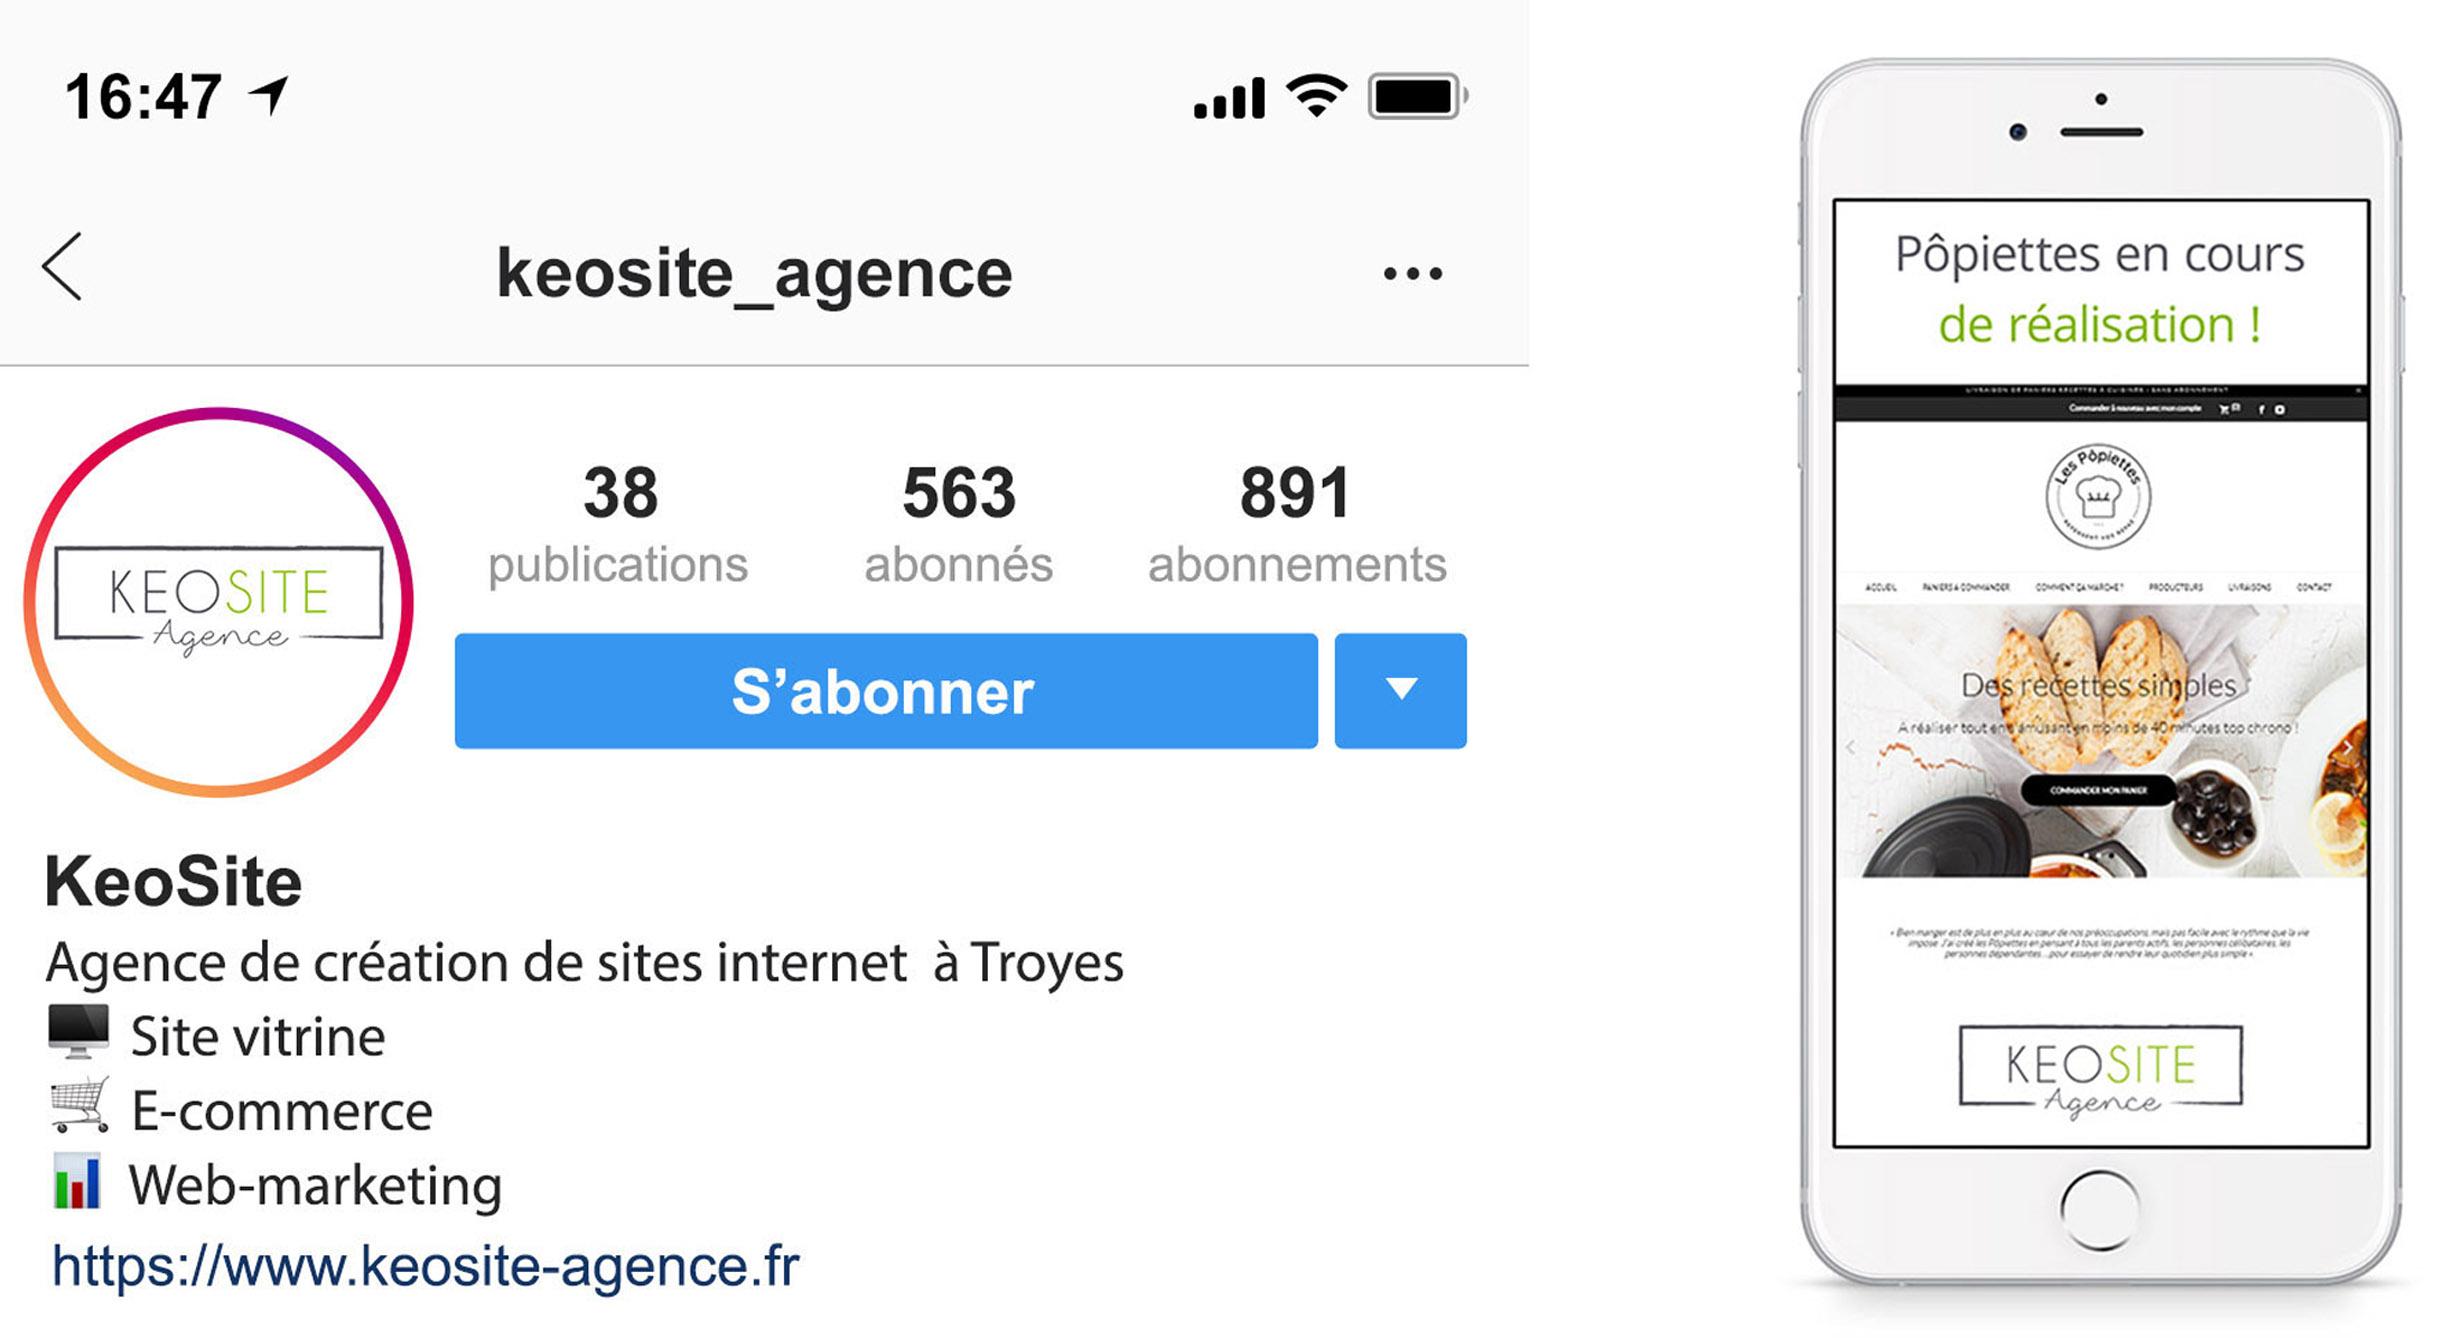 comment-publier-une-story-impactante-pour-une-entreprise-sur-instagram